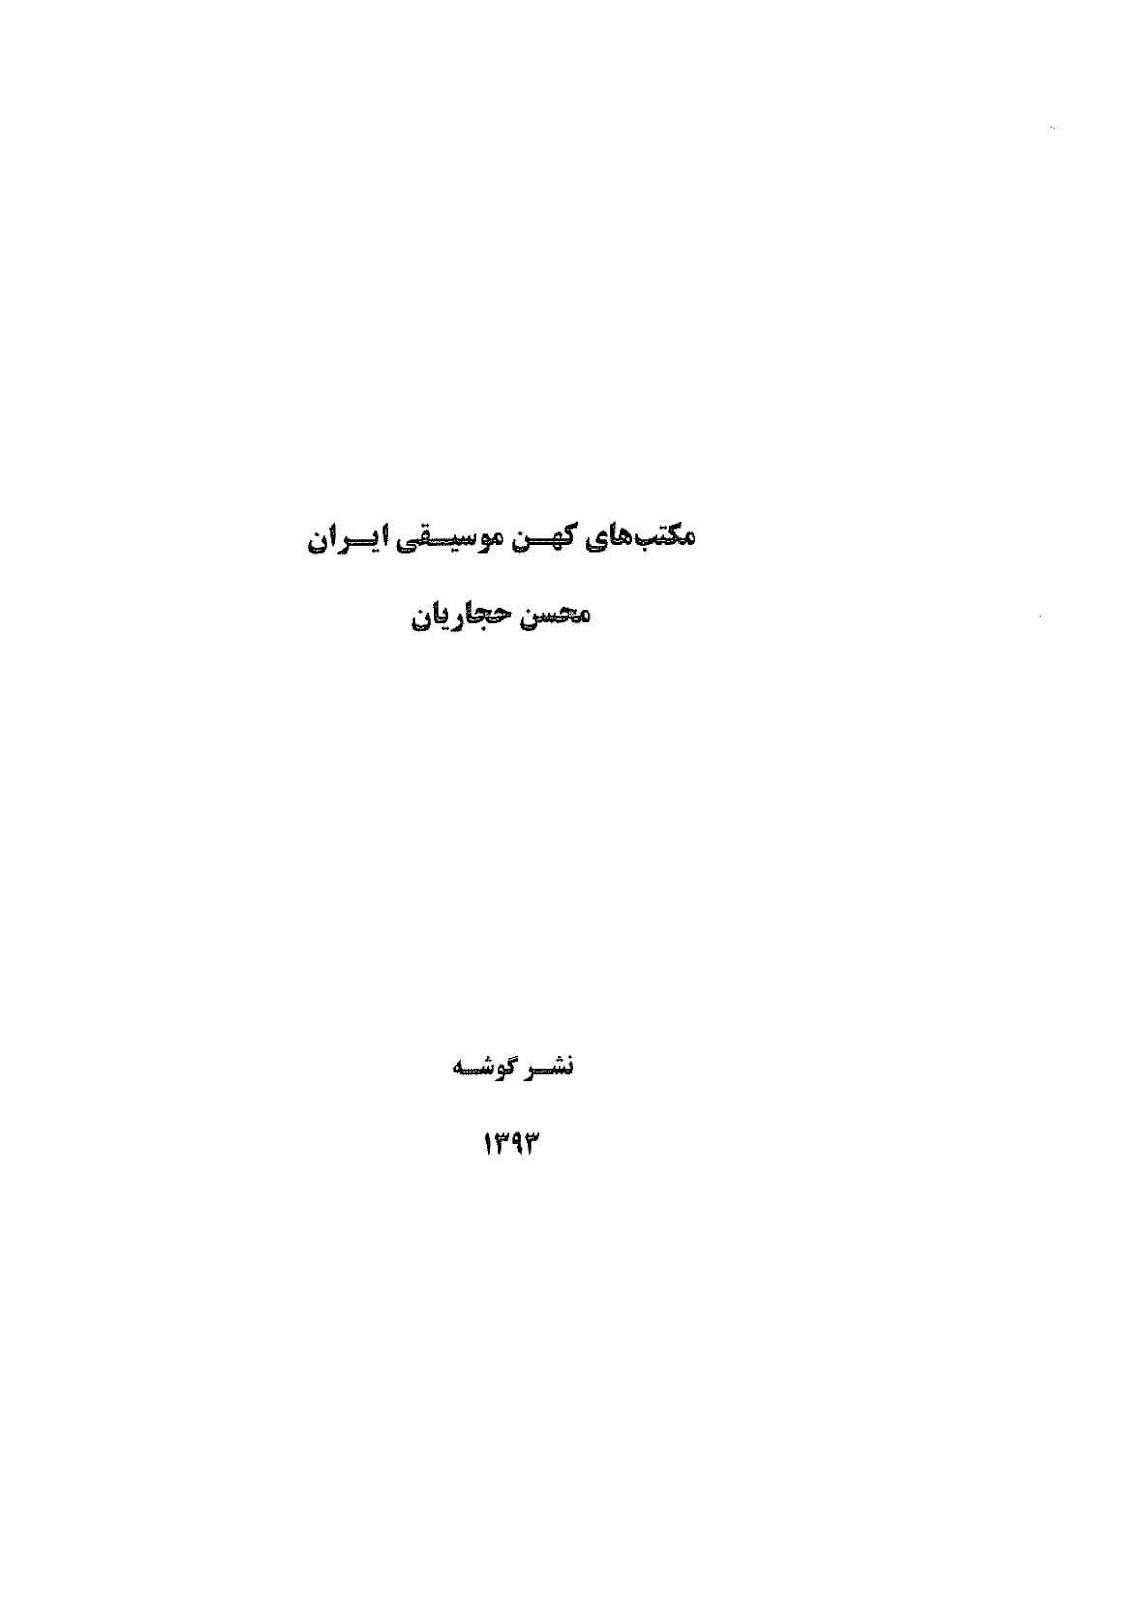 دانلود کتاب مکتبهای کهن موسیقی ایران محسن حجاریان